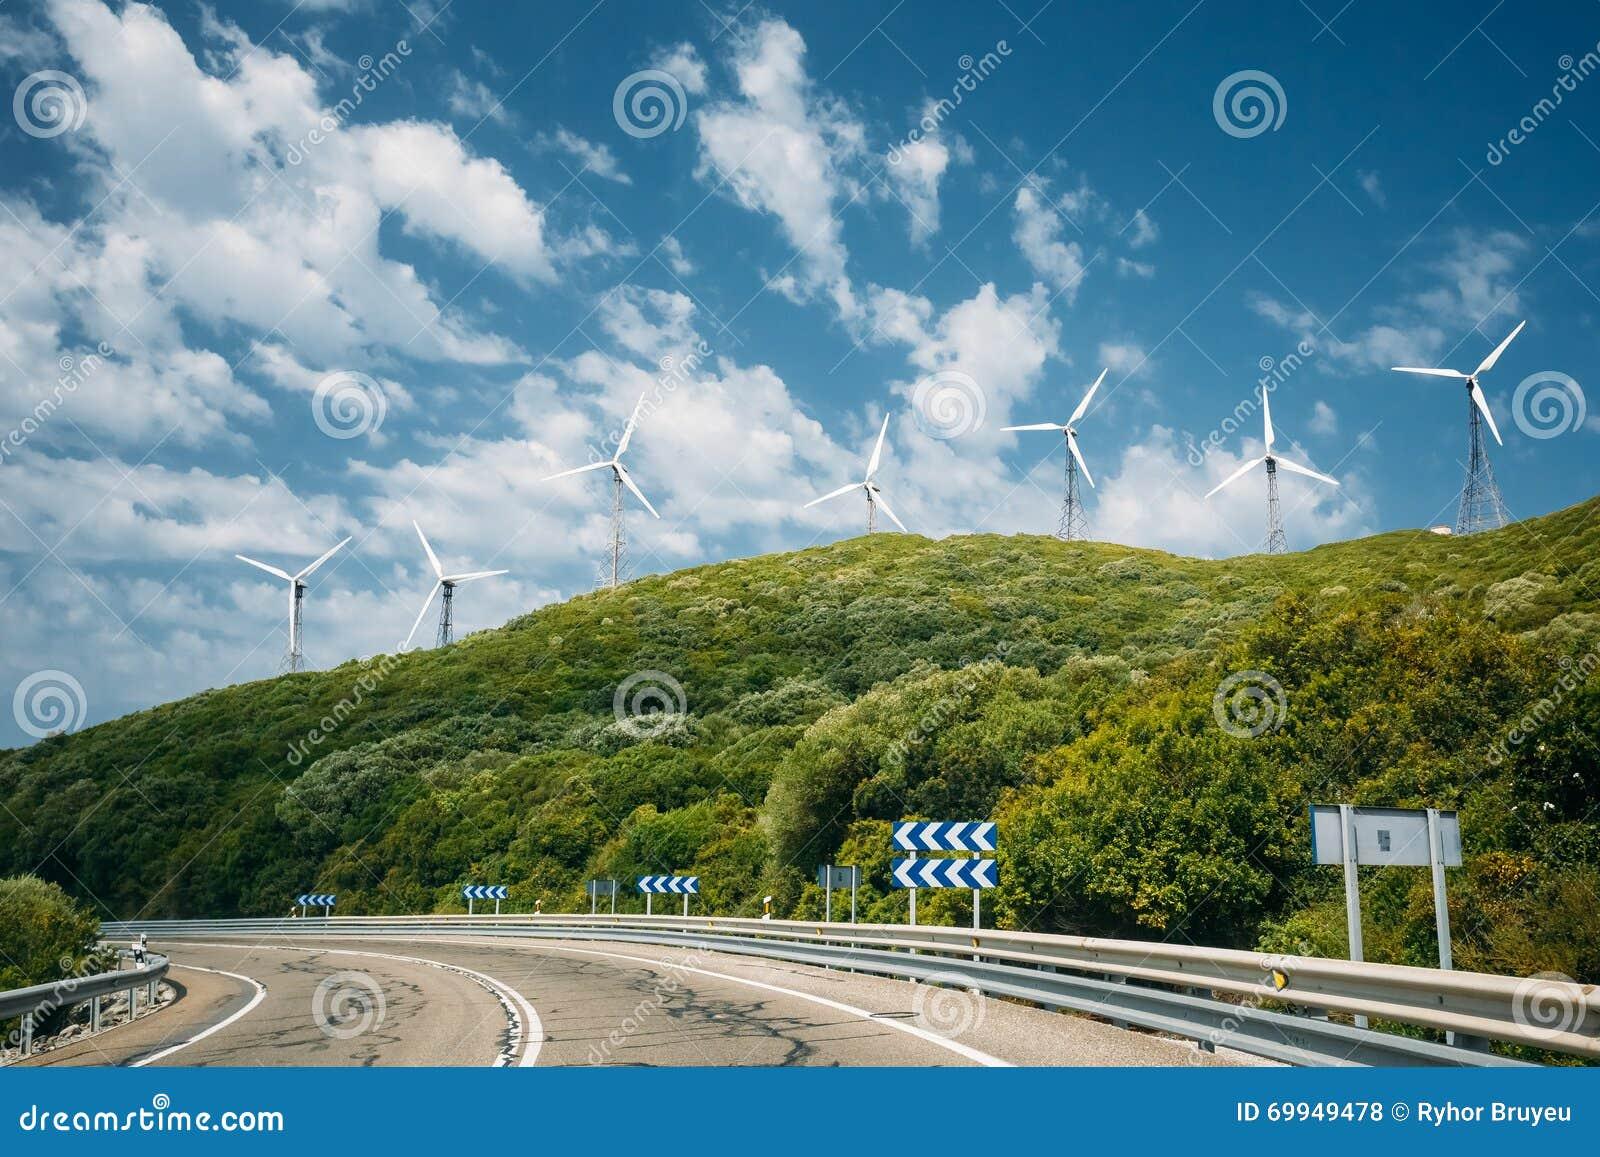 Moinhos de vento, turbinas eólicas para a produção da energia elétrica